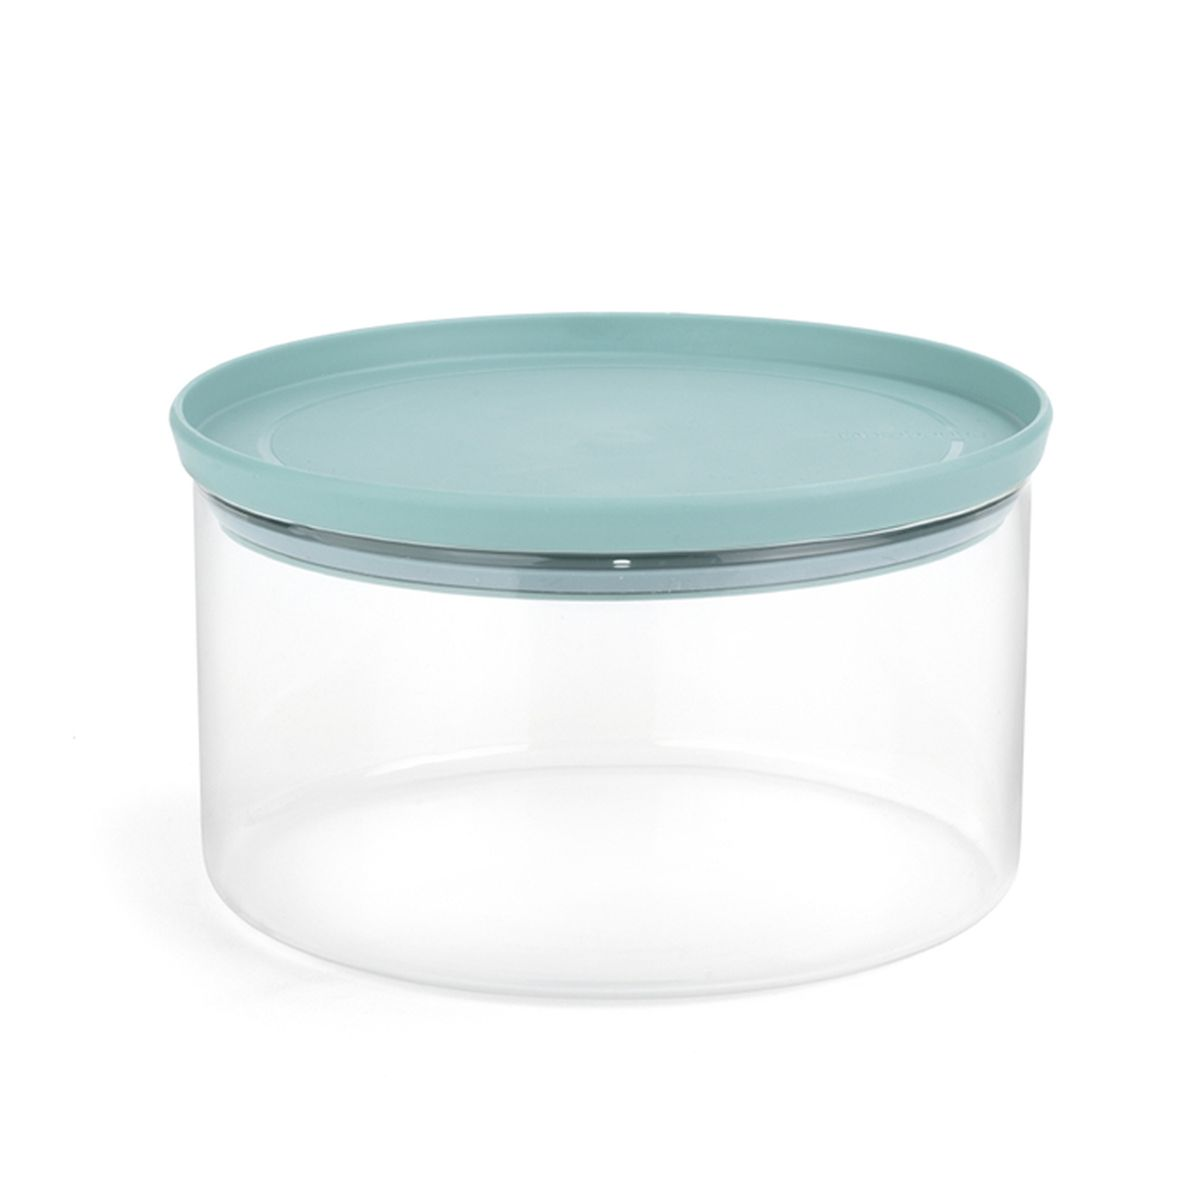 Модульный стеклянный контейнер BrabantiaI9150-TXСохранит свою свежесть – герметичная крышка. Экономия места на кухне – банки составляются одна на другую; Легко моется – можно мыть в посудомоечной машине; Прозрачные стенки позволяют видеть содержимое и его объем; Гарантия 10 лет.